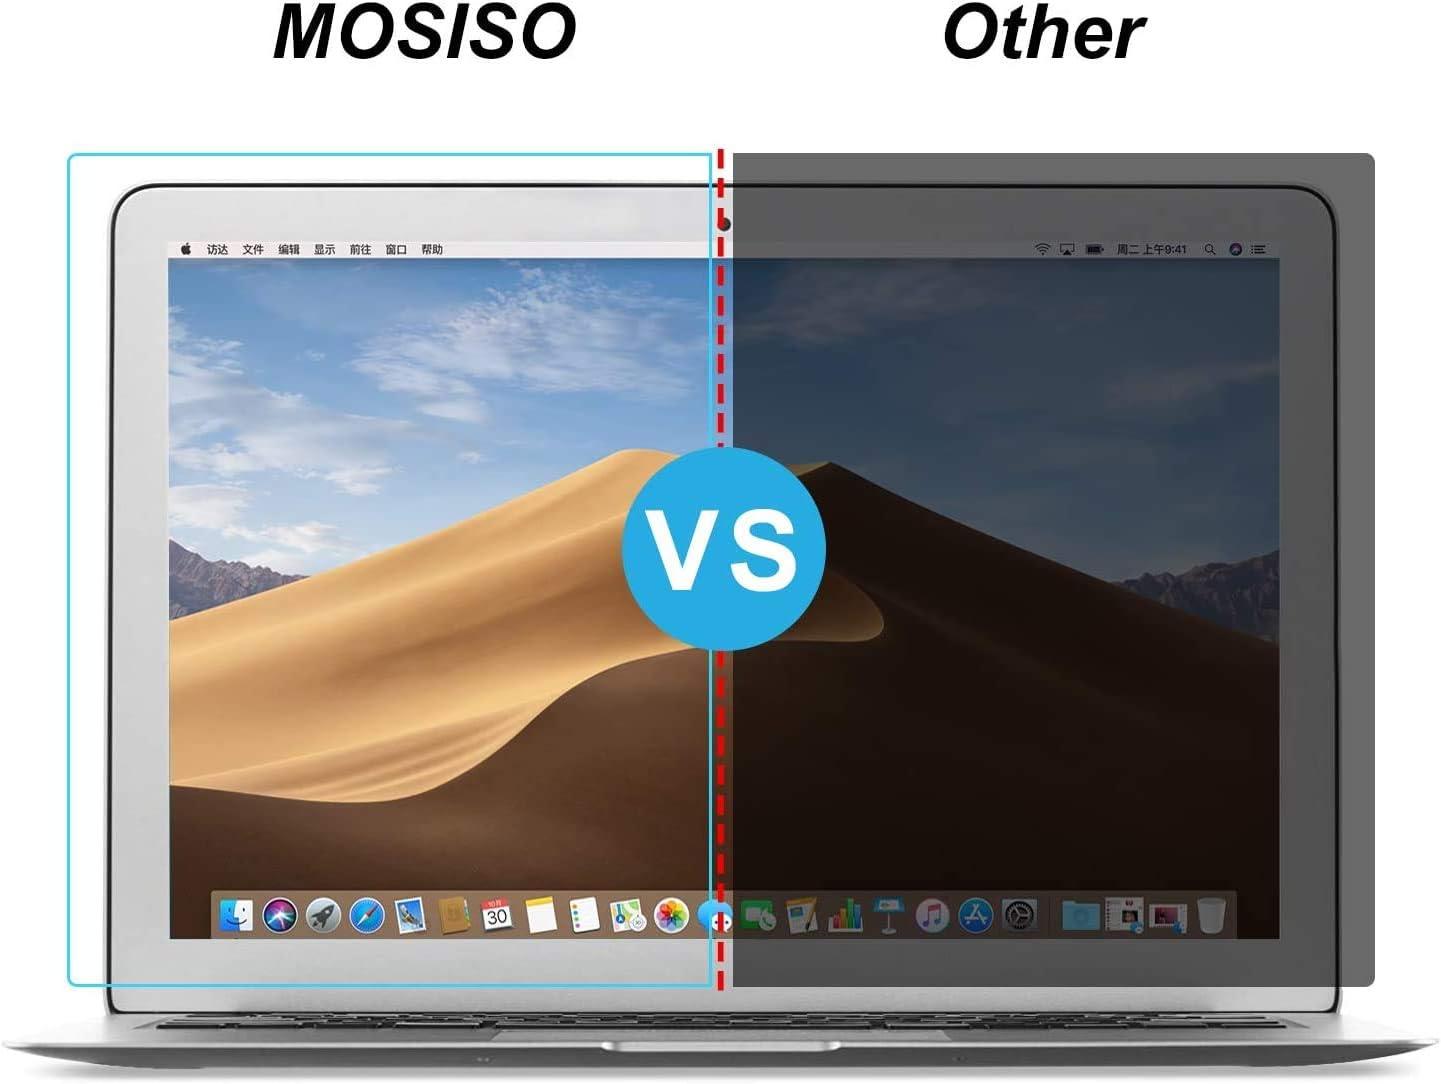 MOSISO 2 Pack MacBook Air 13 Protecteur d/écran Matte Laptop Bleu Lumi/ère Blocage Bloquer UV Protection Yeux Filtre Film Compatible avec MacBook Air 13 Pouces 2010-2017 Version A1466 // A1369 Clair